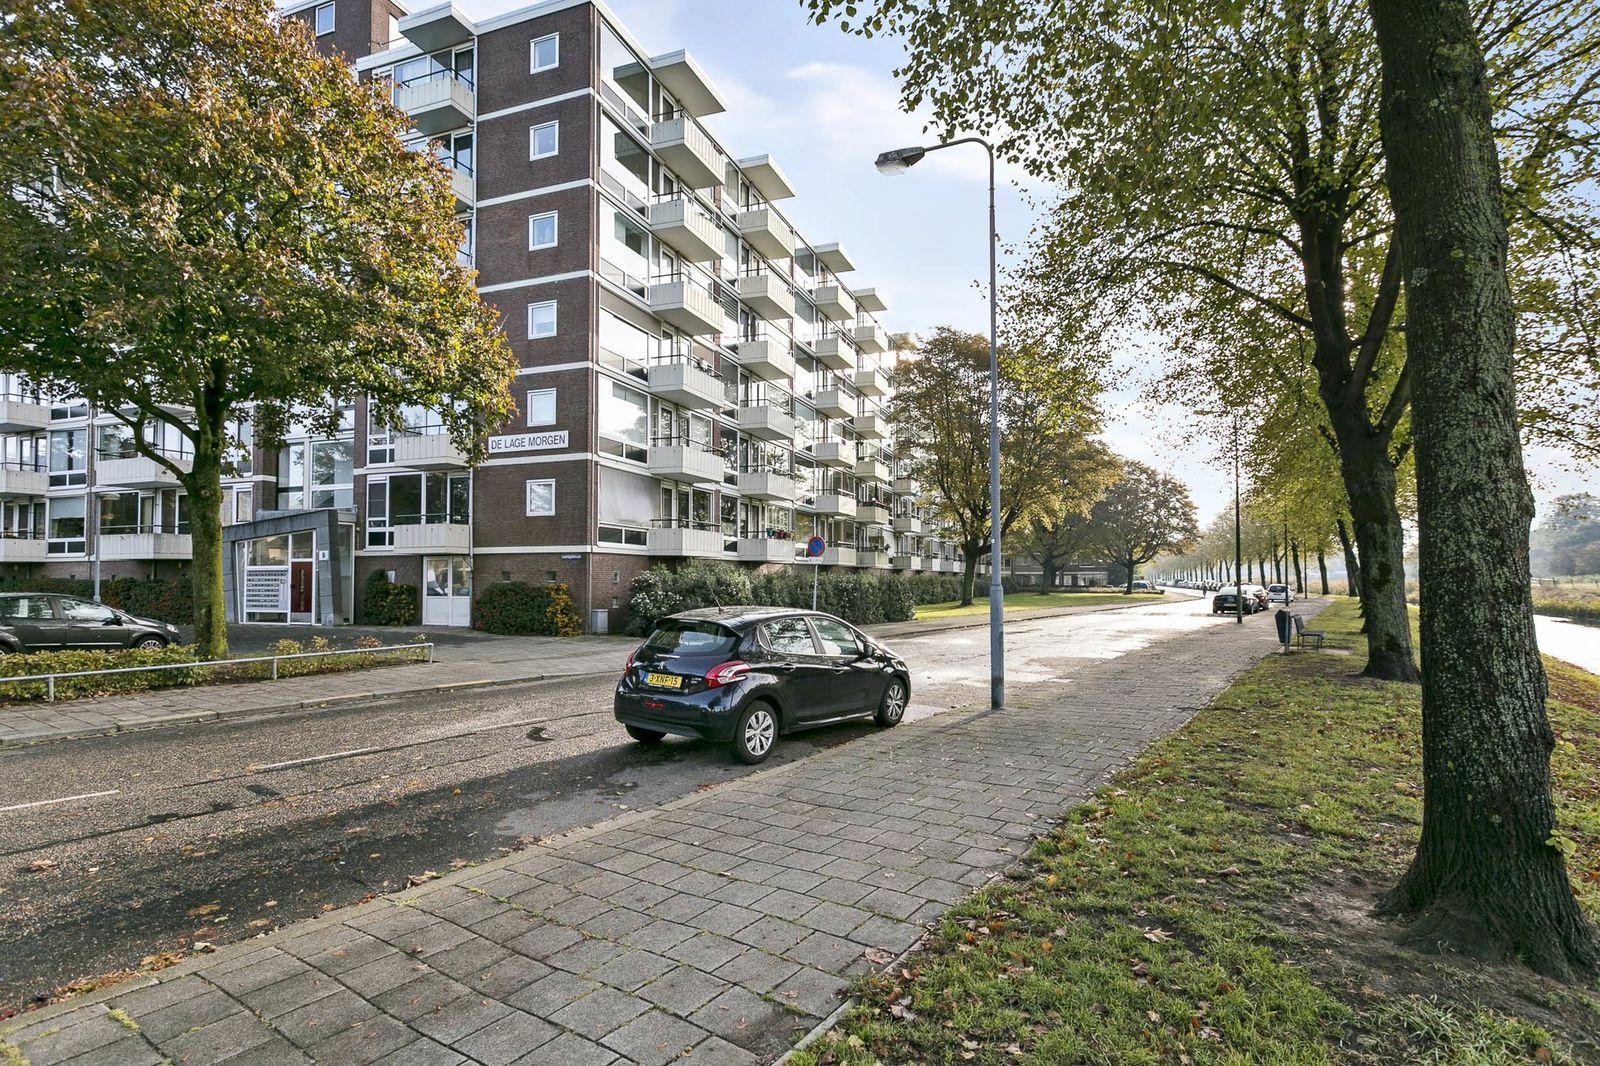 Lagemorgenlaan 200, 's-hertogenbosch